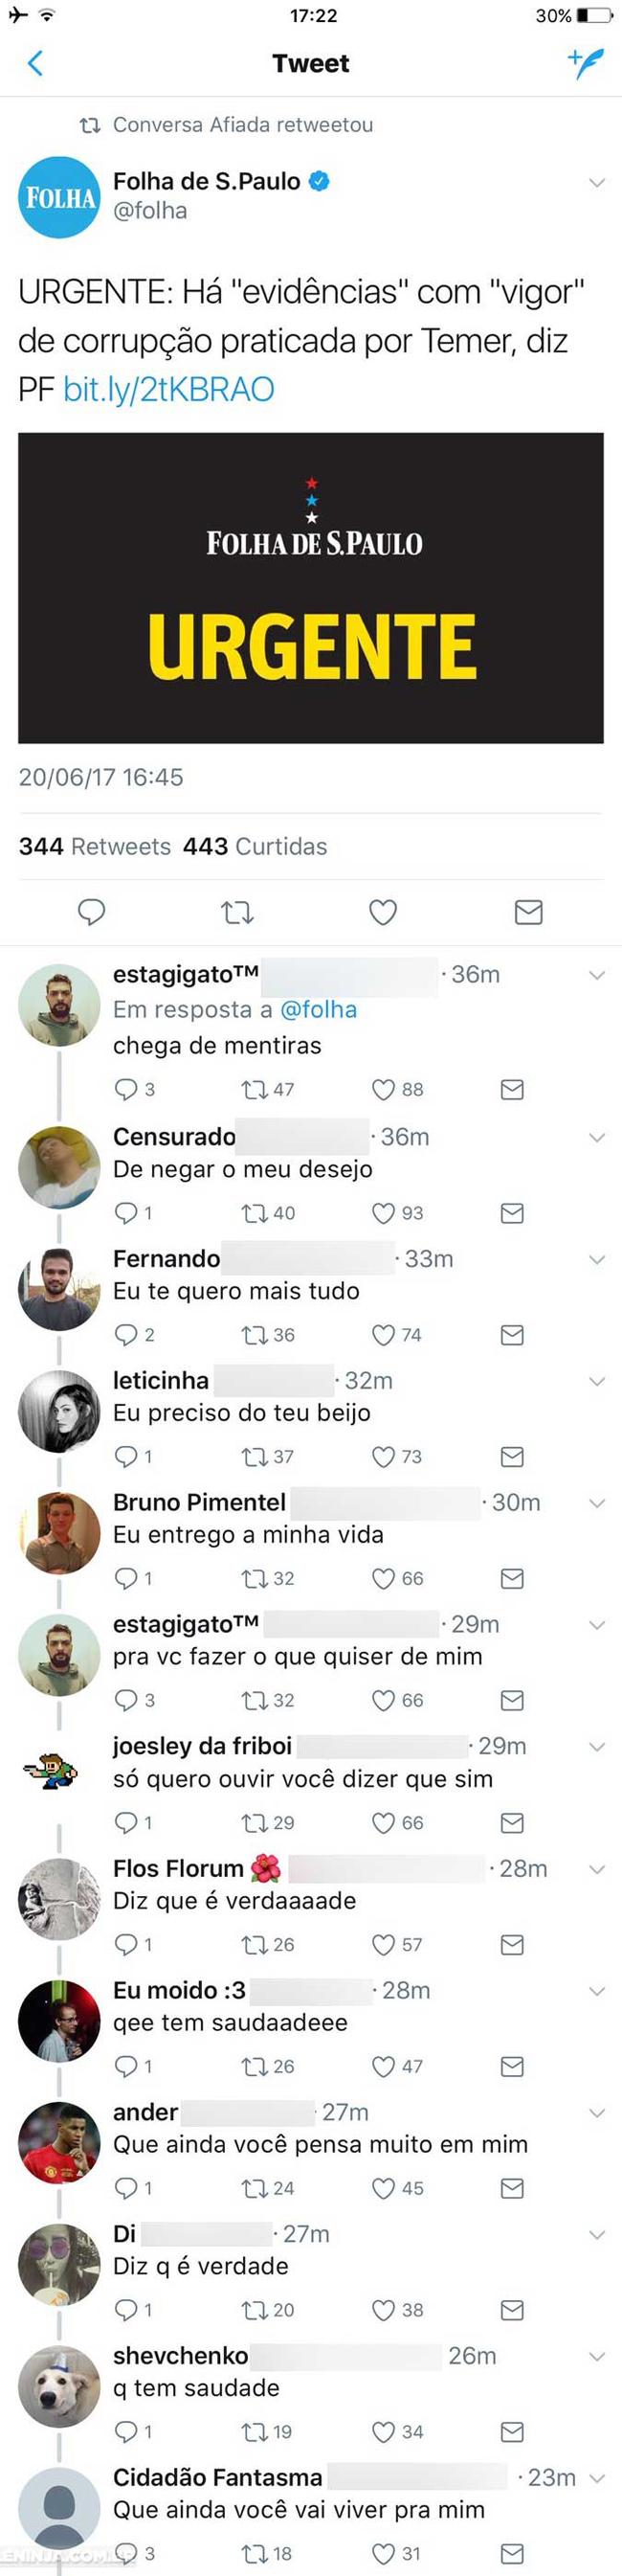 uma-prova-musical-de-que-o-brasileiro-não-leva-nada-a-sério